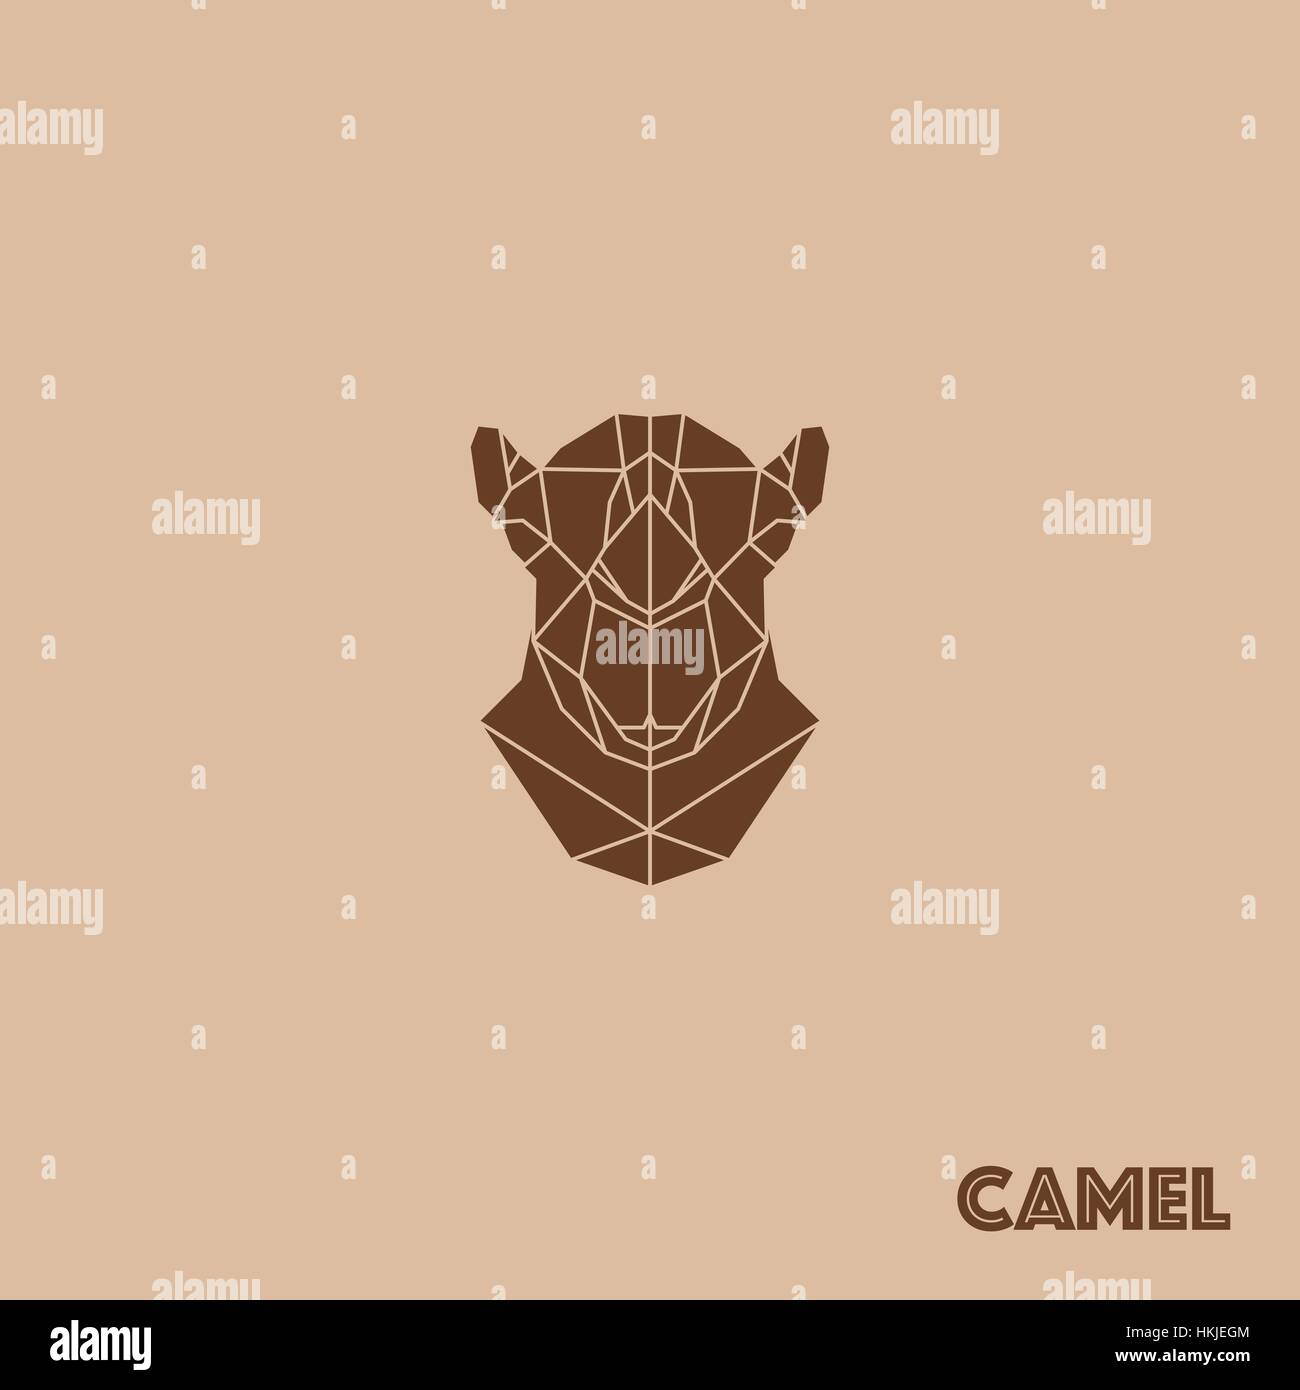 Rsum Gomtrique Triangle Camel Isol Sur Fond Brun Pour Utilisation Dans La Conception De Carte Visite Invitation Affiche Bannire Un Placard Ou